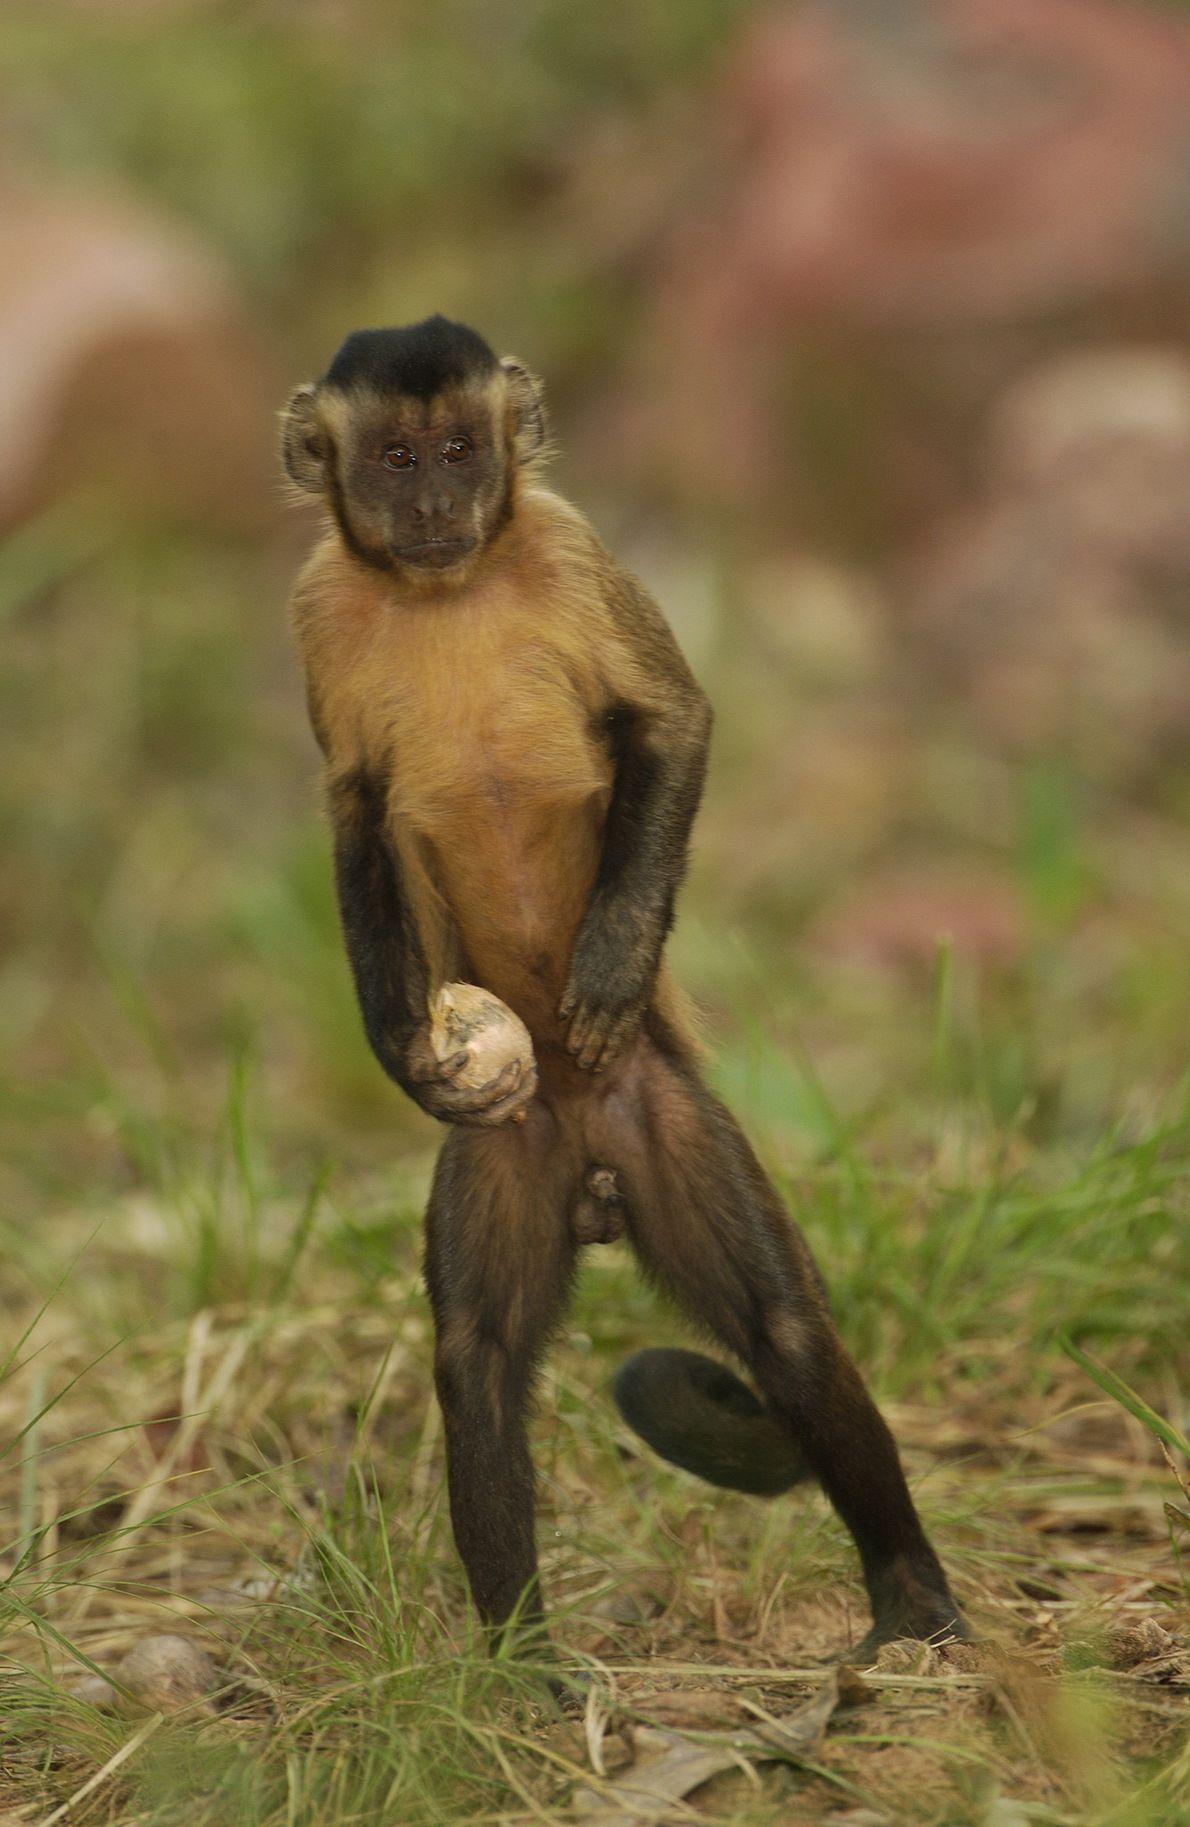 Macaco-prego e uma noz de ataleia